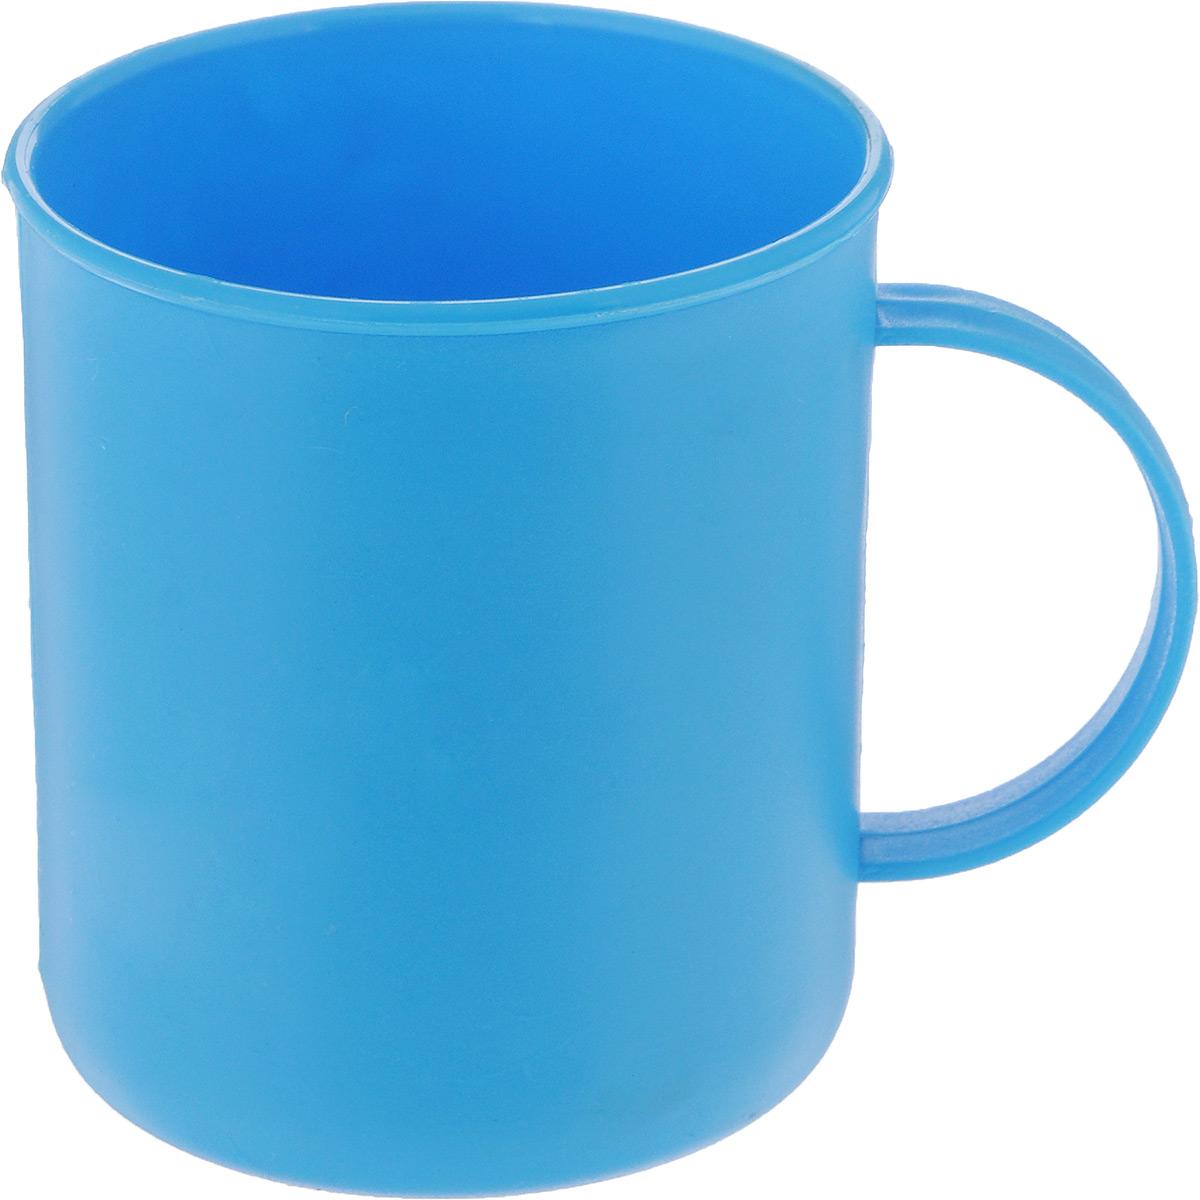 """Кружка """"Gotoff"""" выполнена из прочного пищевого полипропилена. Изделие отлично подойдет как для холодных, так и для горячих напитков. Его удобно использовать дома или на даче, брать с собой на пикники и в поездки. Отличный вариант для детских праздников. Такая кружка не разобьется и будет служить вам долгое время.   Диаметр кружки (по верхнему краю): 7,5 см.    Высота кружки: 8,5 см."""